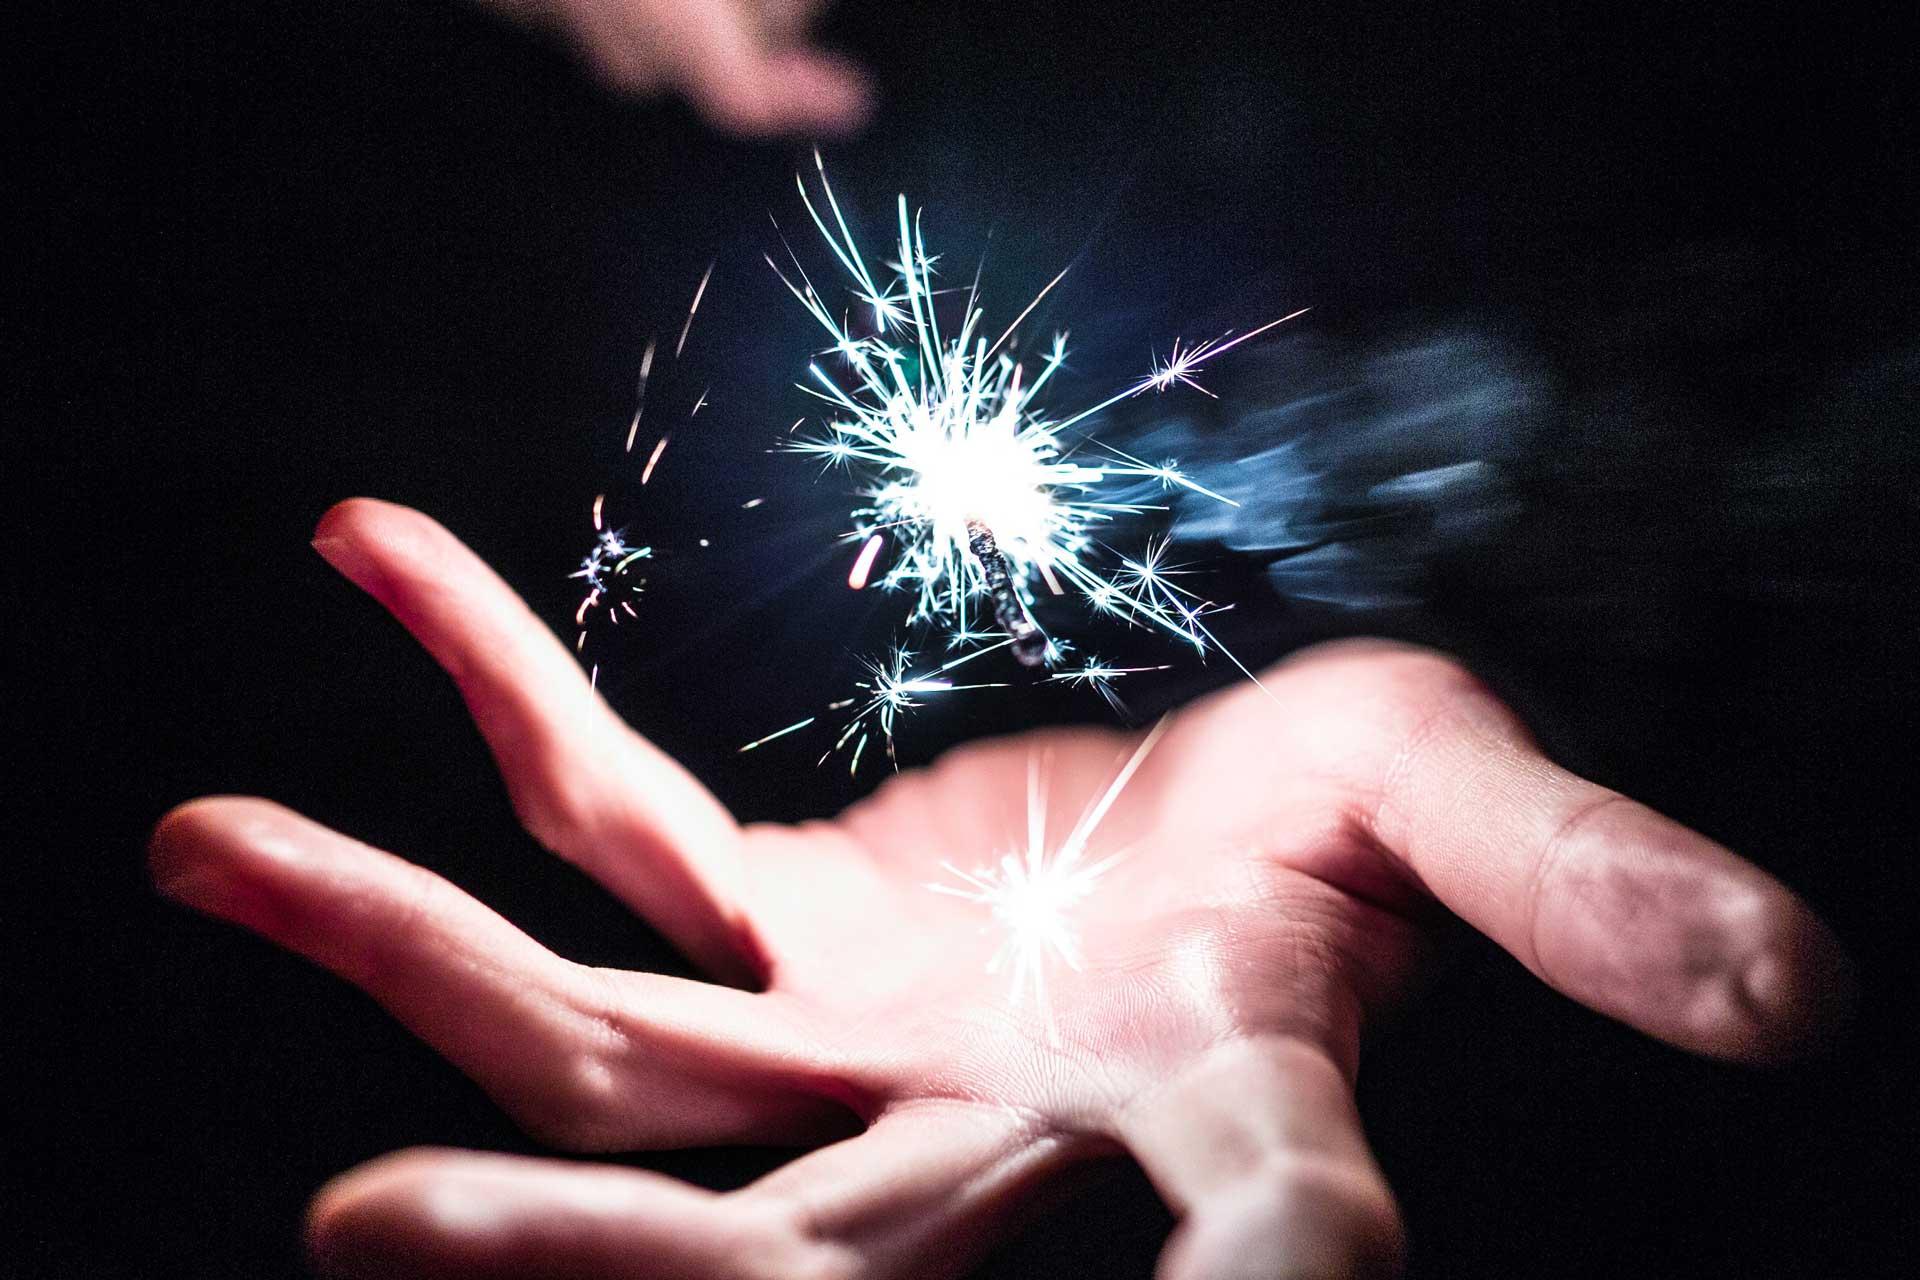 Image d'une main dans le noir éclairé par une étincelle